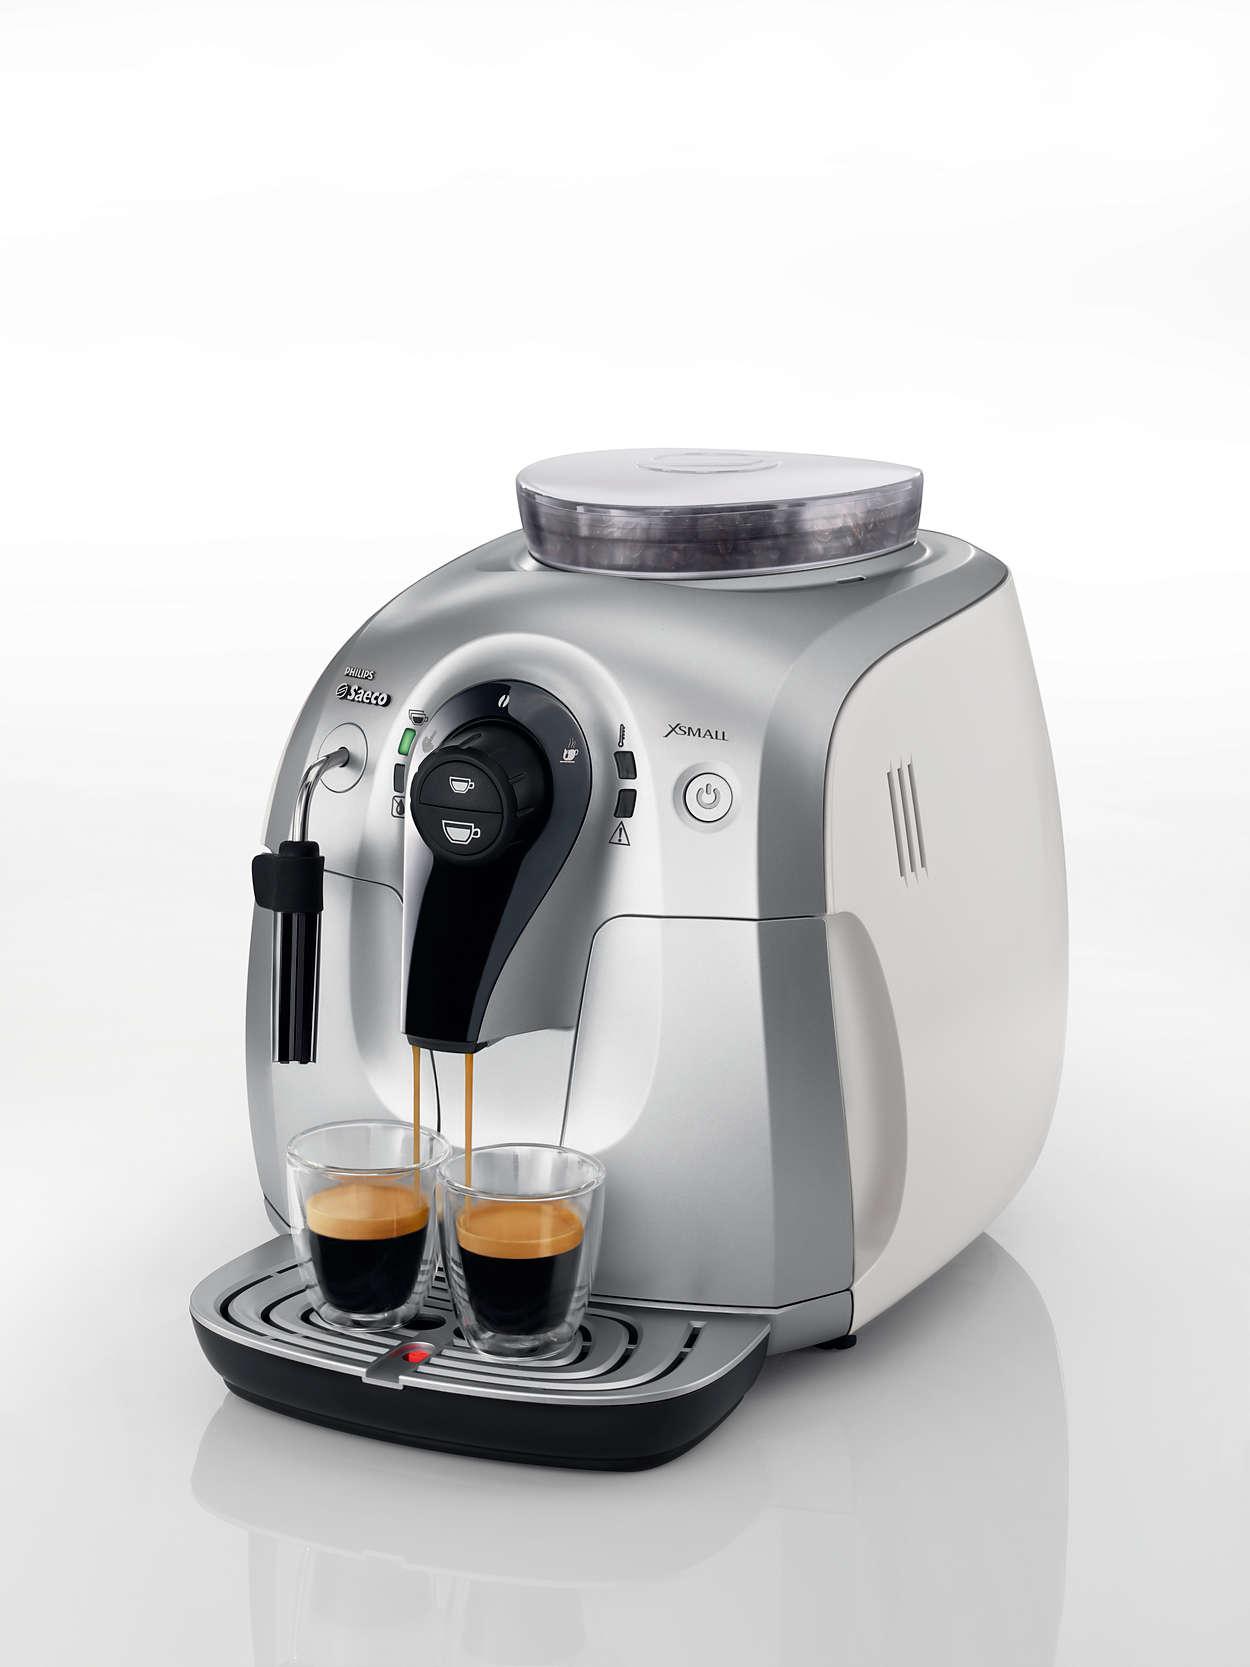 Känn aromen av dina favoritkaffebönor